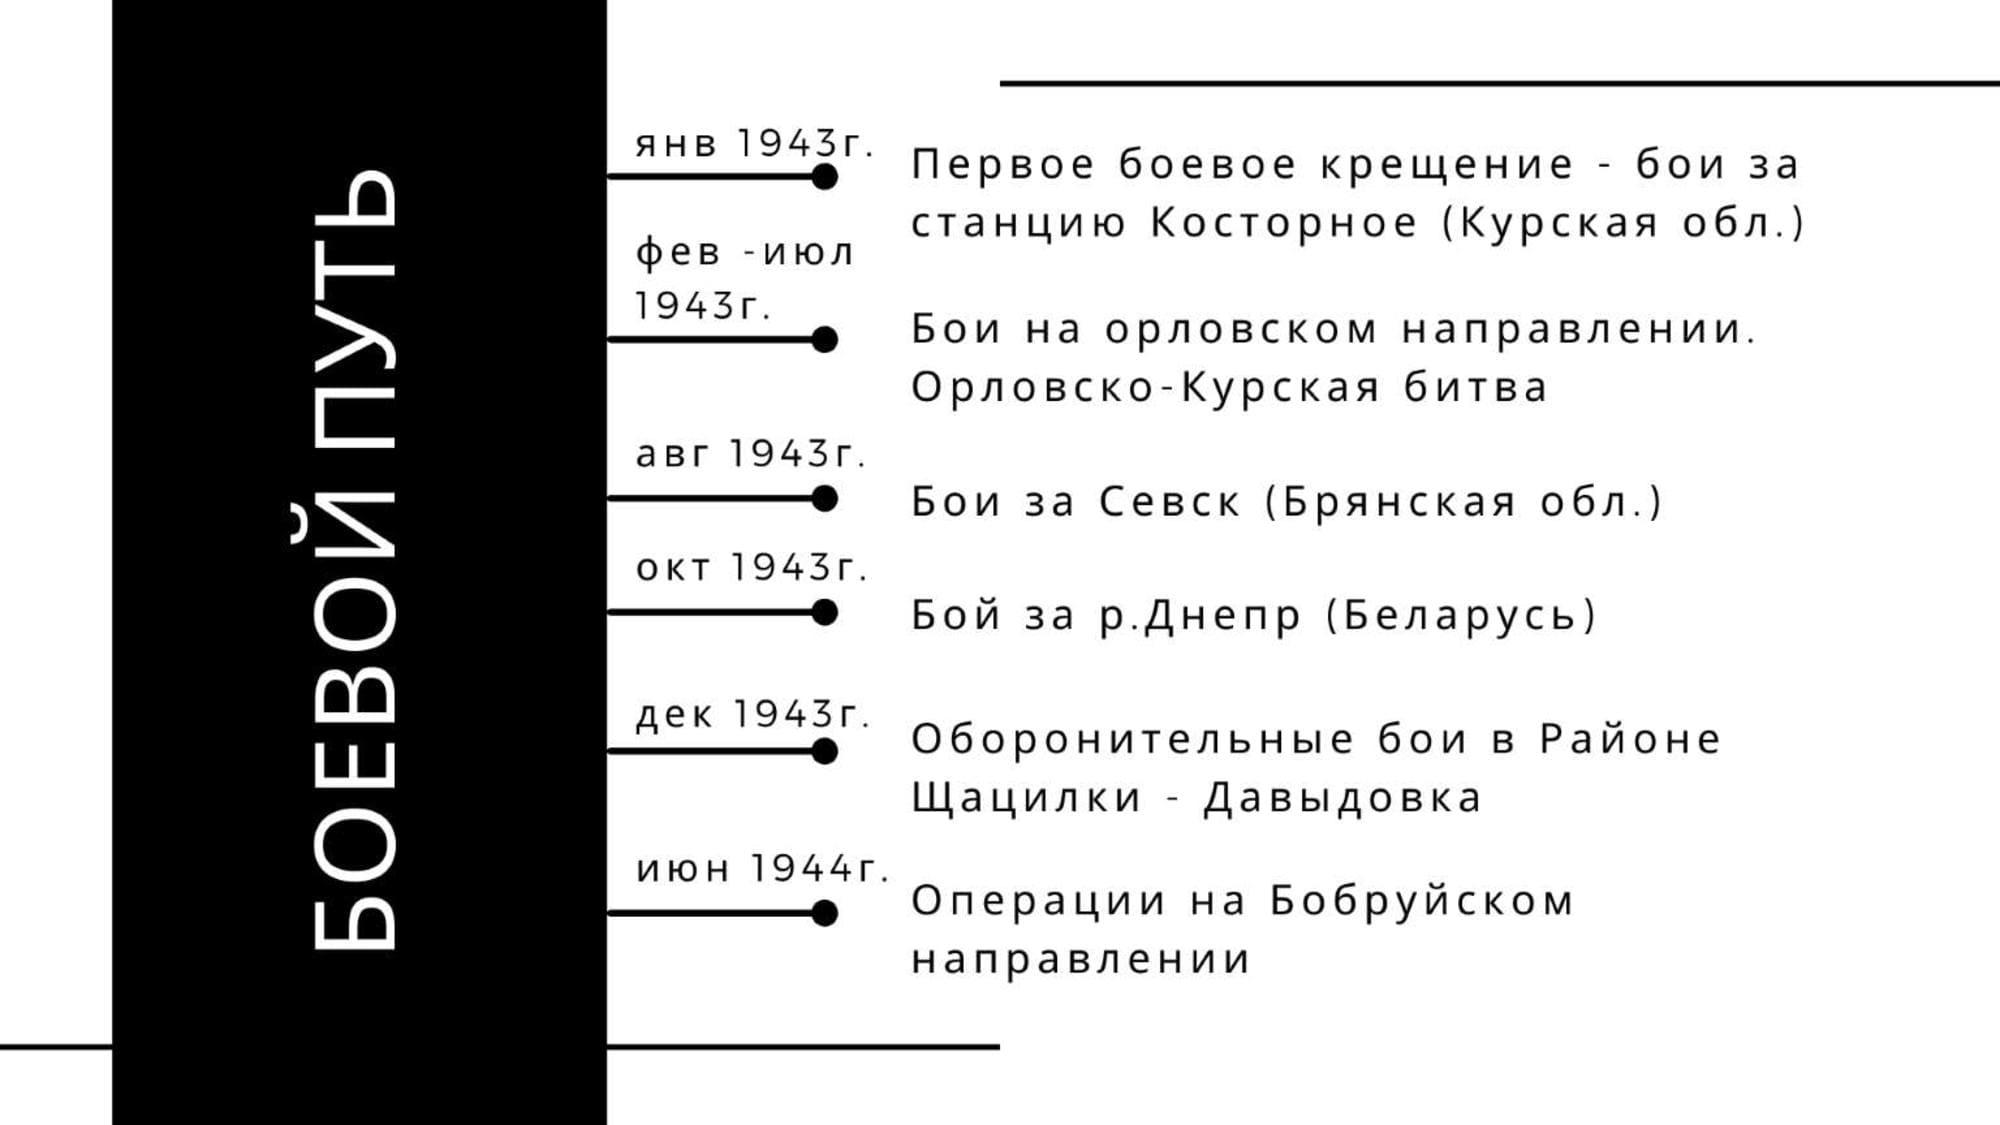 Боевой путь - янв 1943 - июнь 1944 гг.